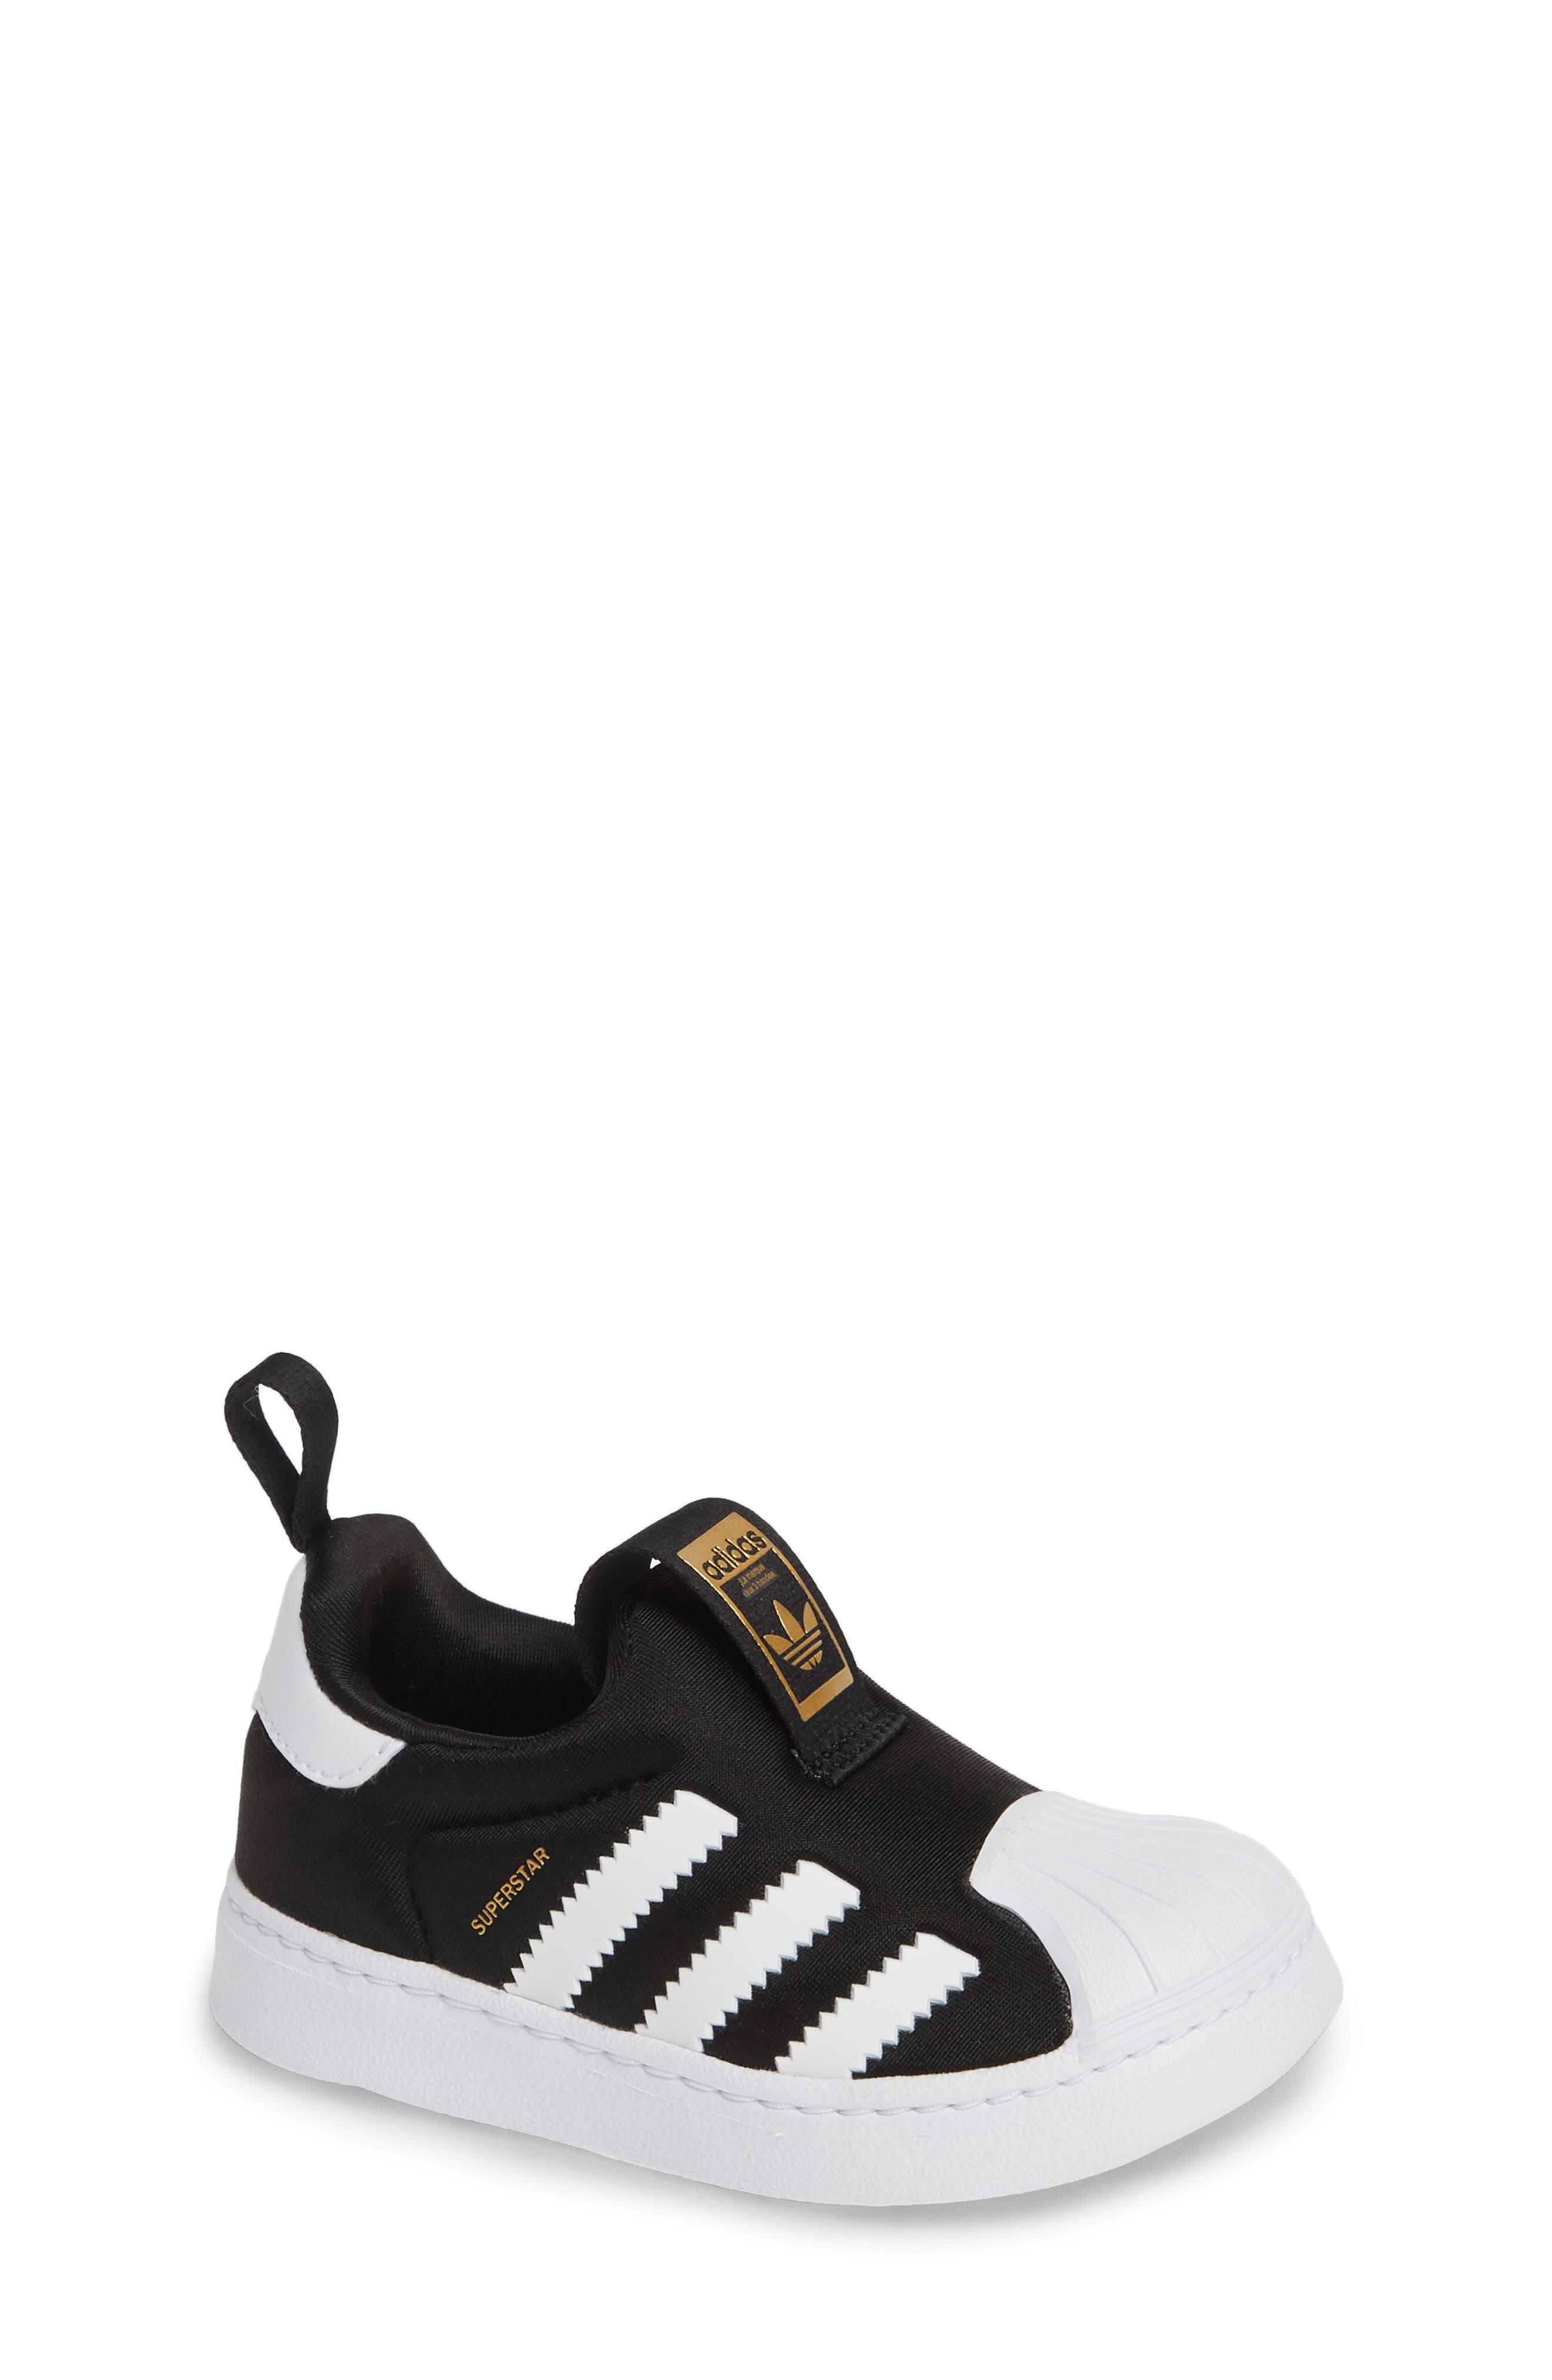 Toddler Adidas Superstar 360 I Sneaker Size 12 M  Black